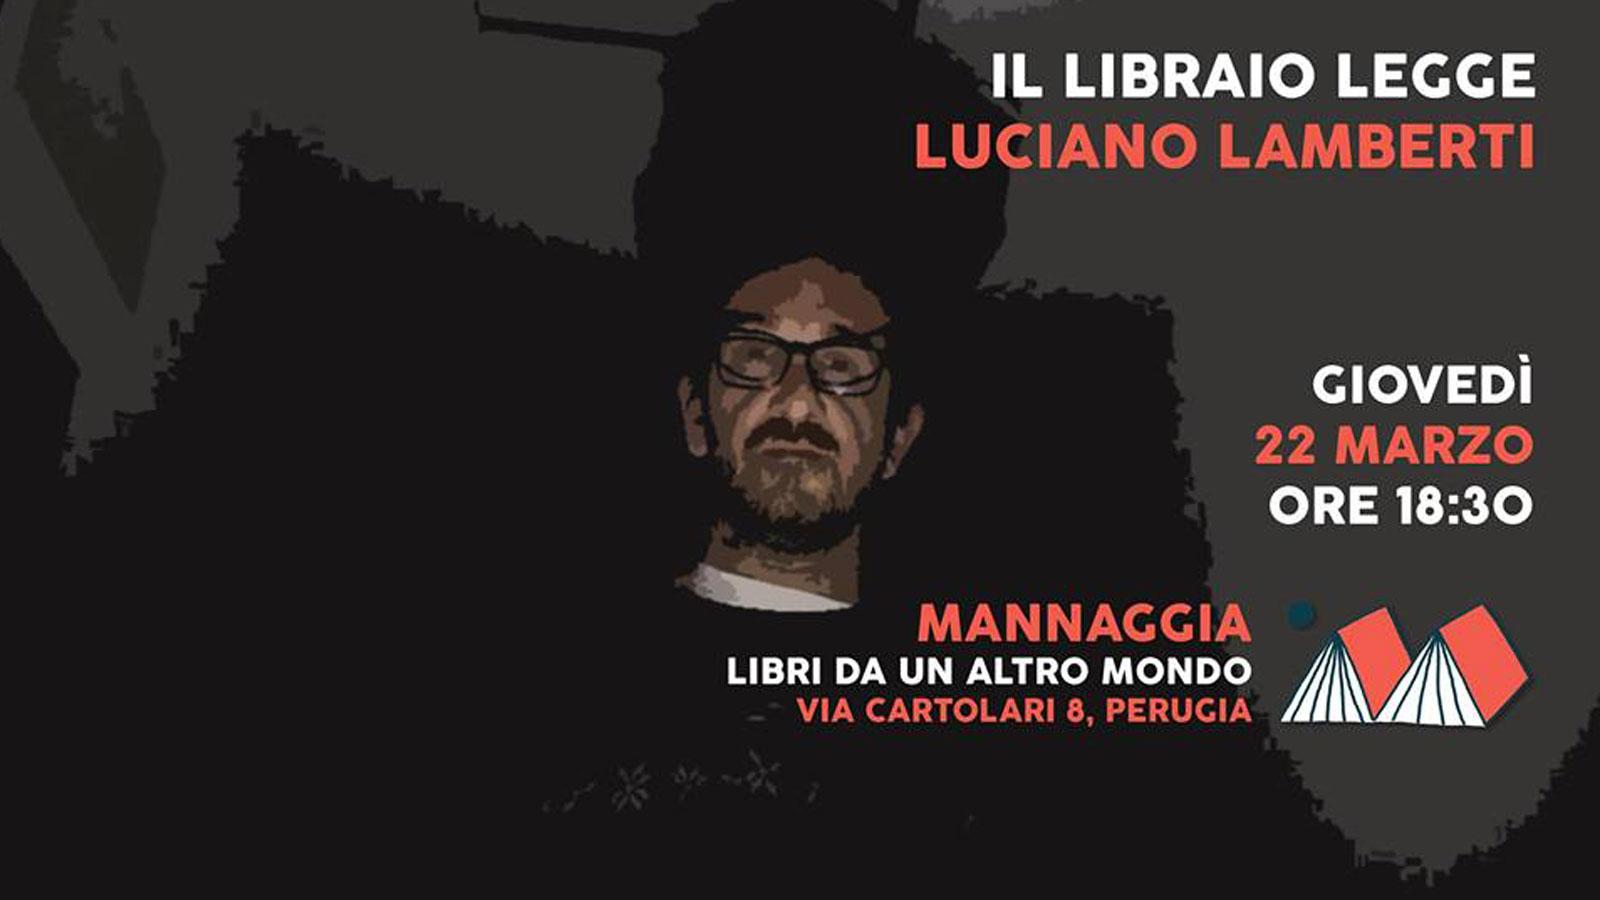 Il Libraio Legge Luciano Lamberti